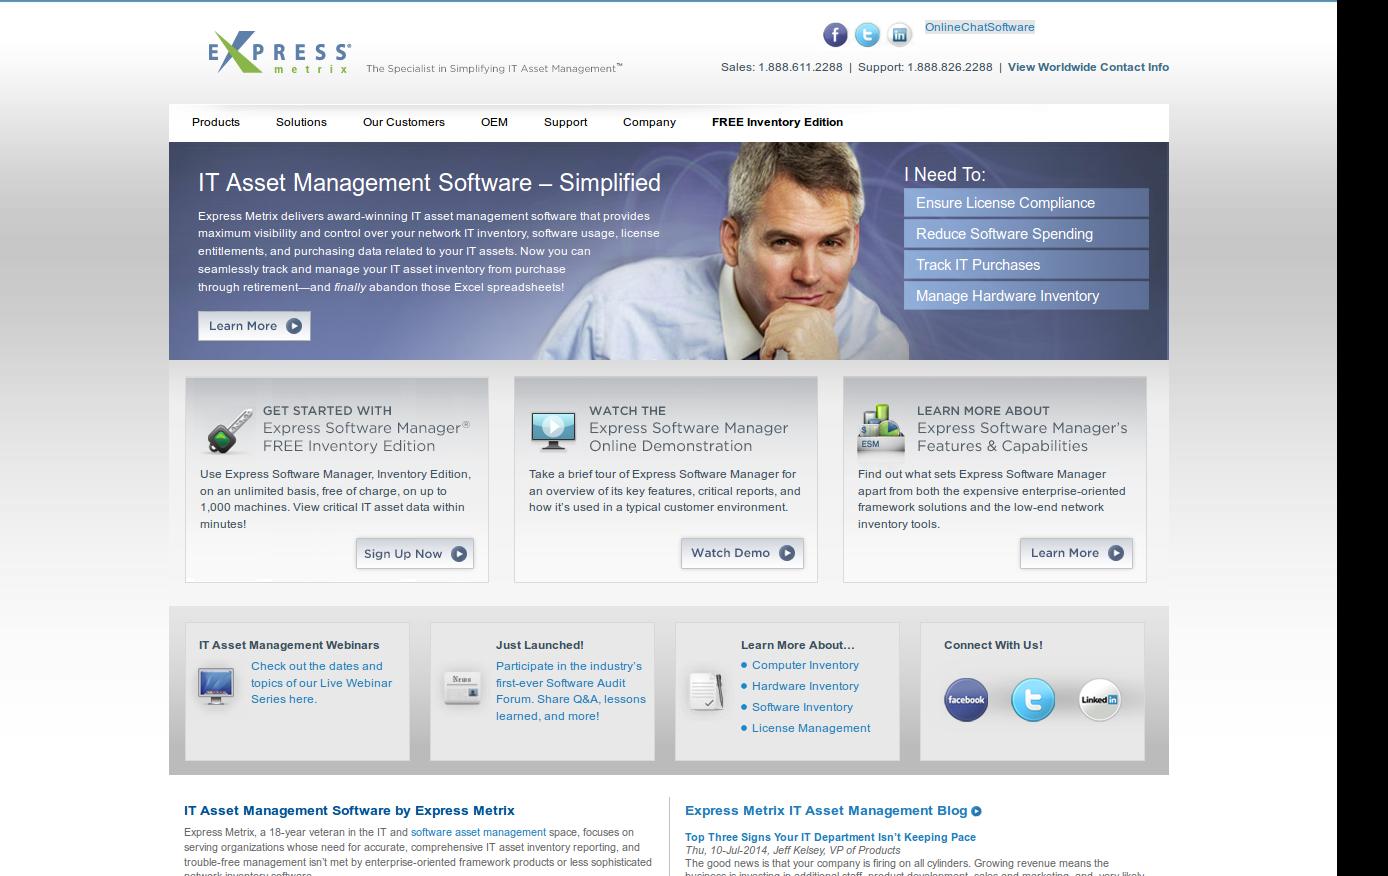 Express Metrix é uma solução de inventário com versão gratuita (até 1000 nós) que permite controlar o uso de software, licenças, data de compra